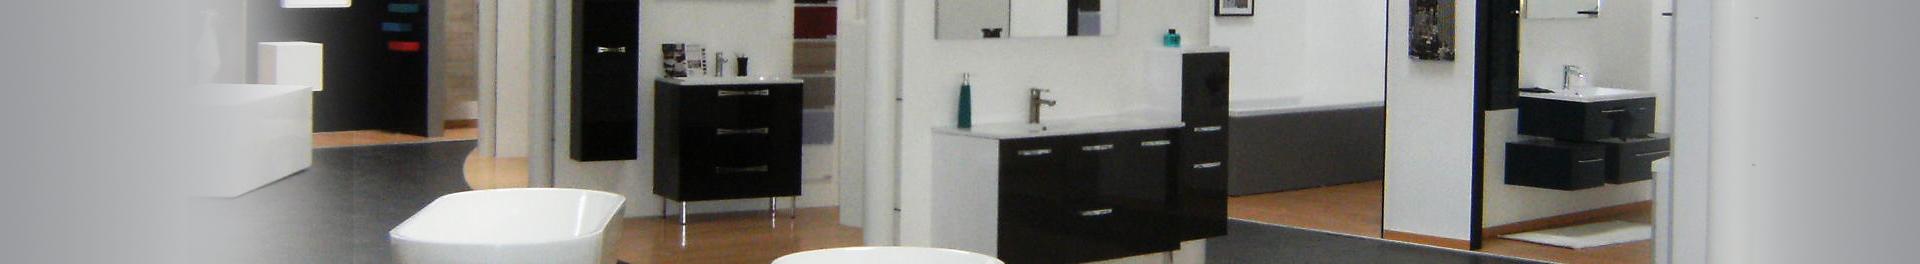 Distributeurs et fourniseurs de mobilier de salle de bain for Distributeur salle de bain